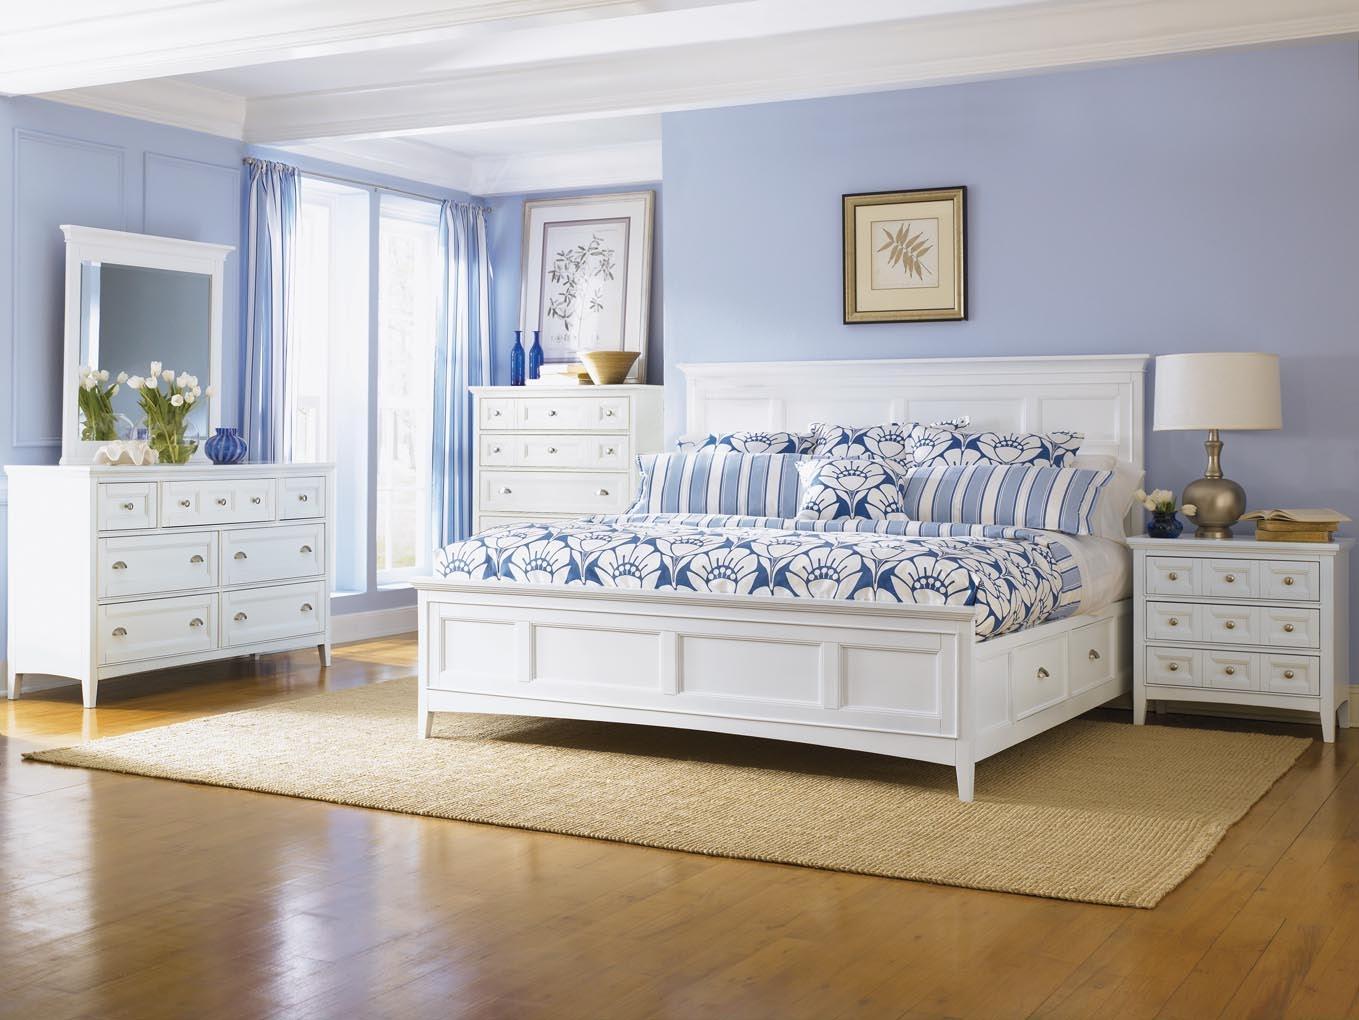 Magnussen Home Bedroom Complete Queen Panel Bed With Regular Rails